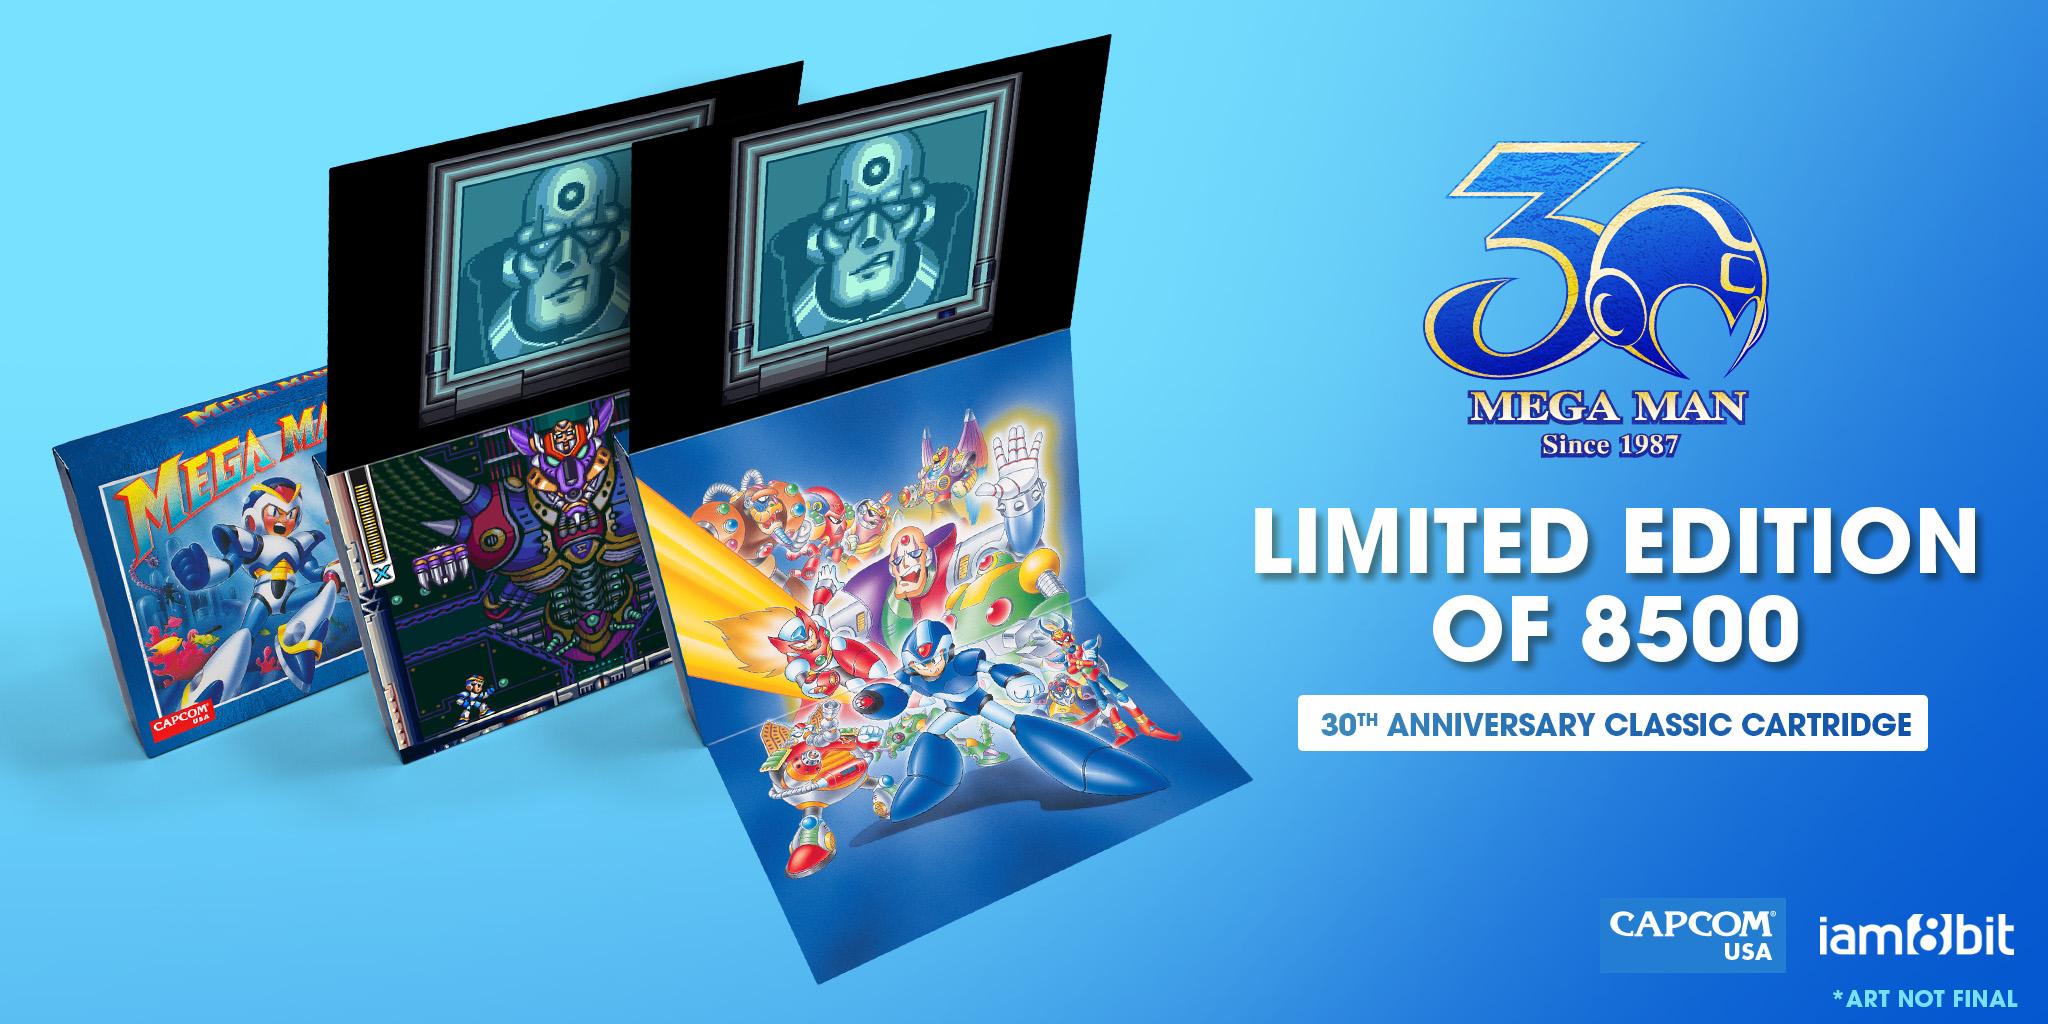 Capcom relanzará en cartucho los clásicos Mega Man II y Mega Man X